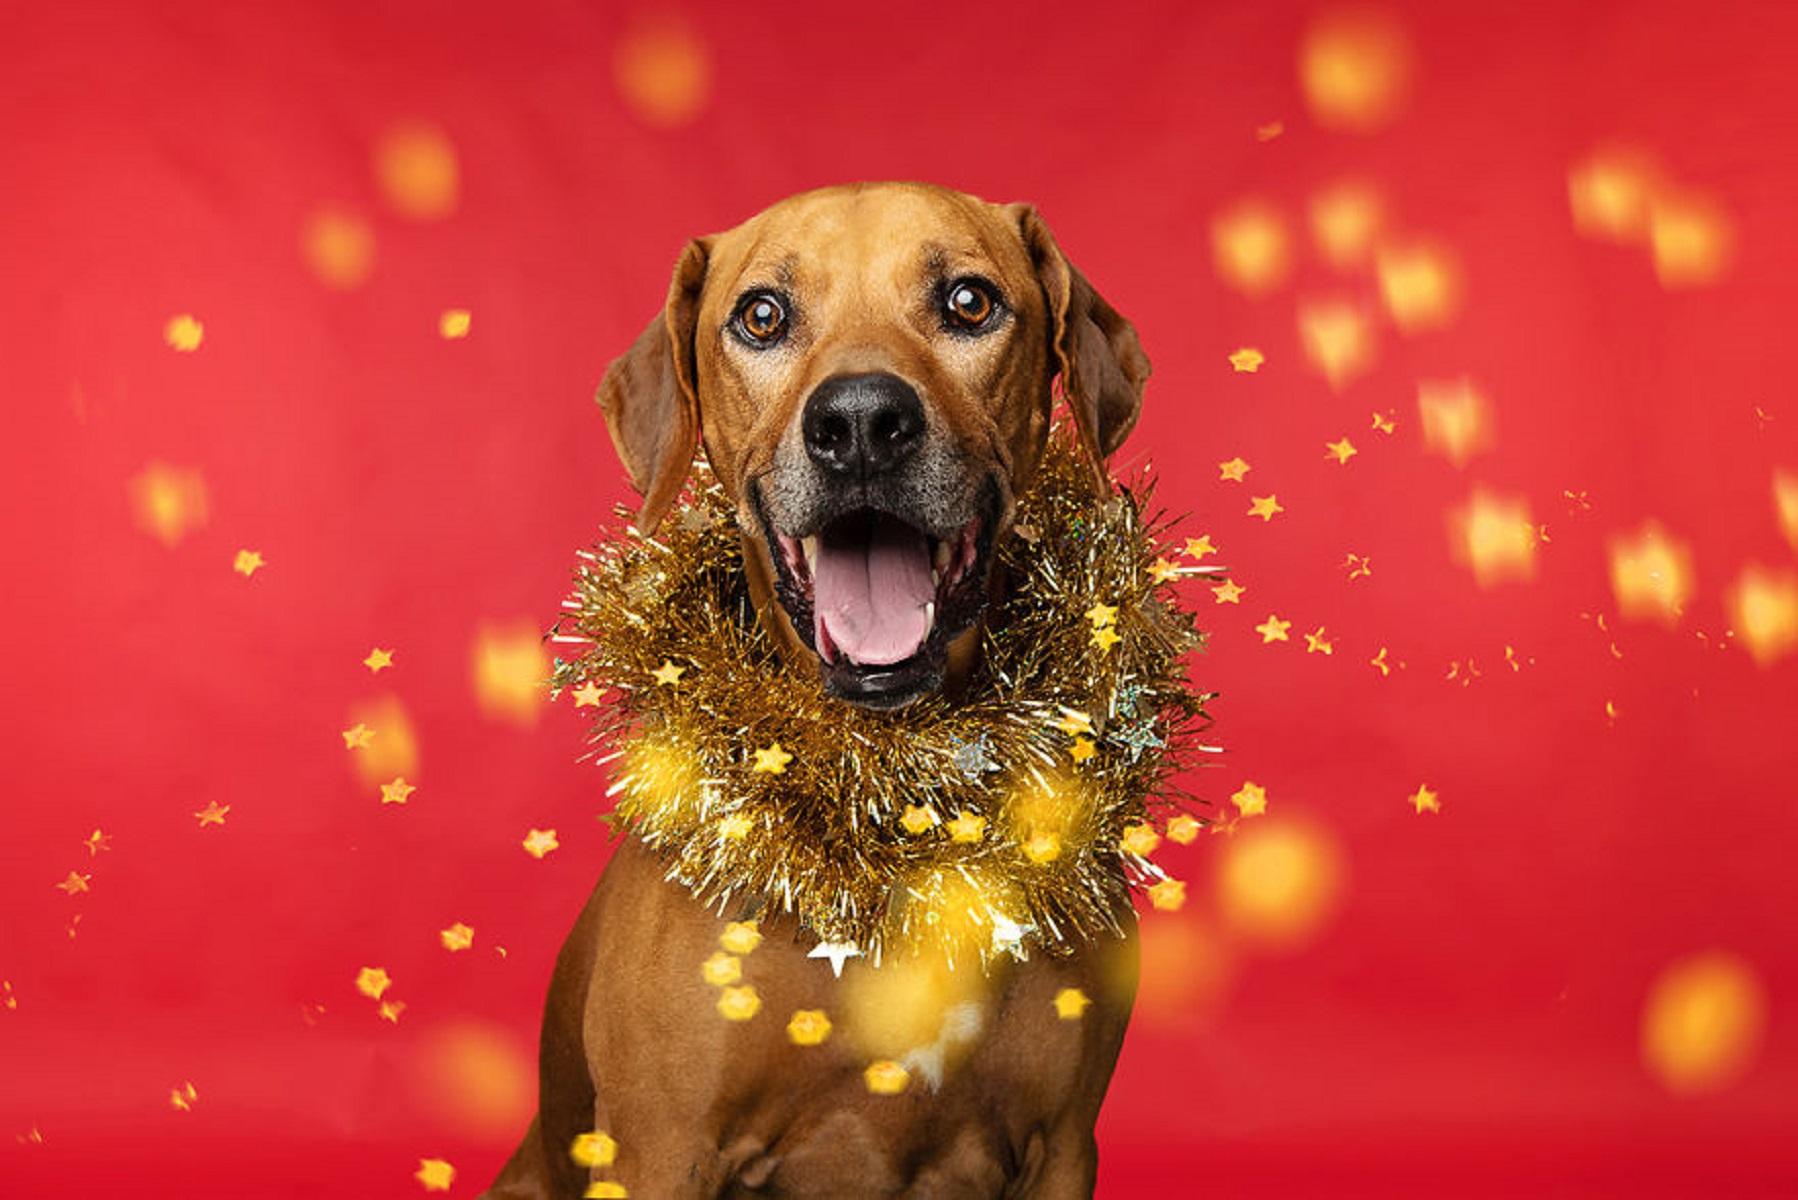 12 caes do Natal essa sessao de fotos natalinas vai te ajudar a entrar no espirito natalino 9